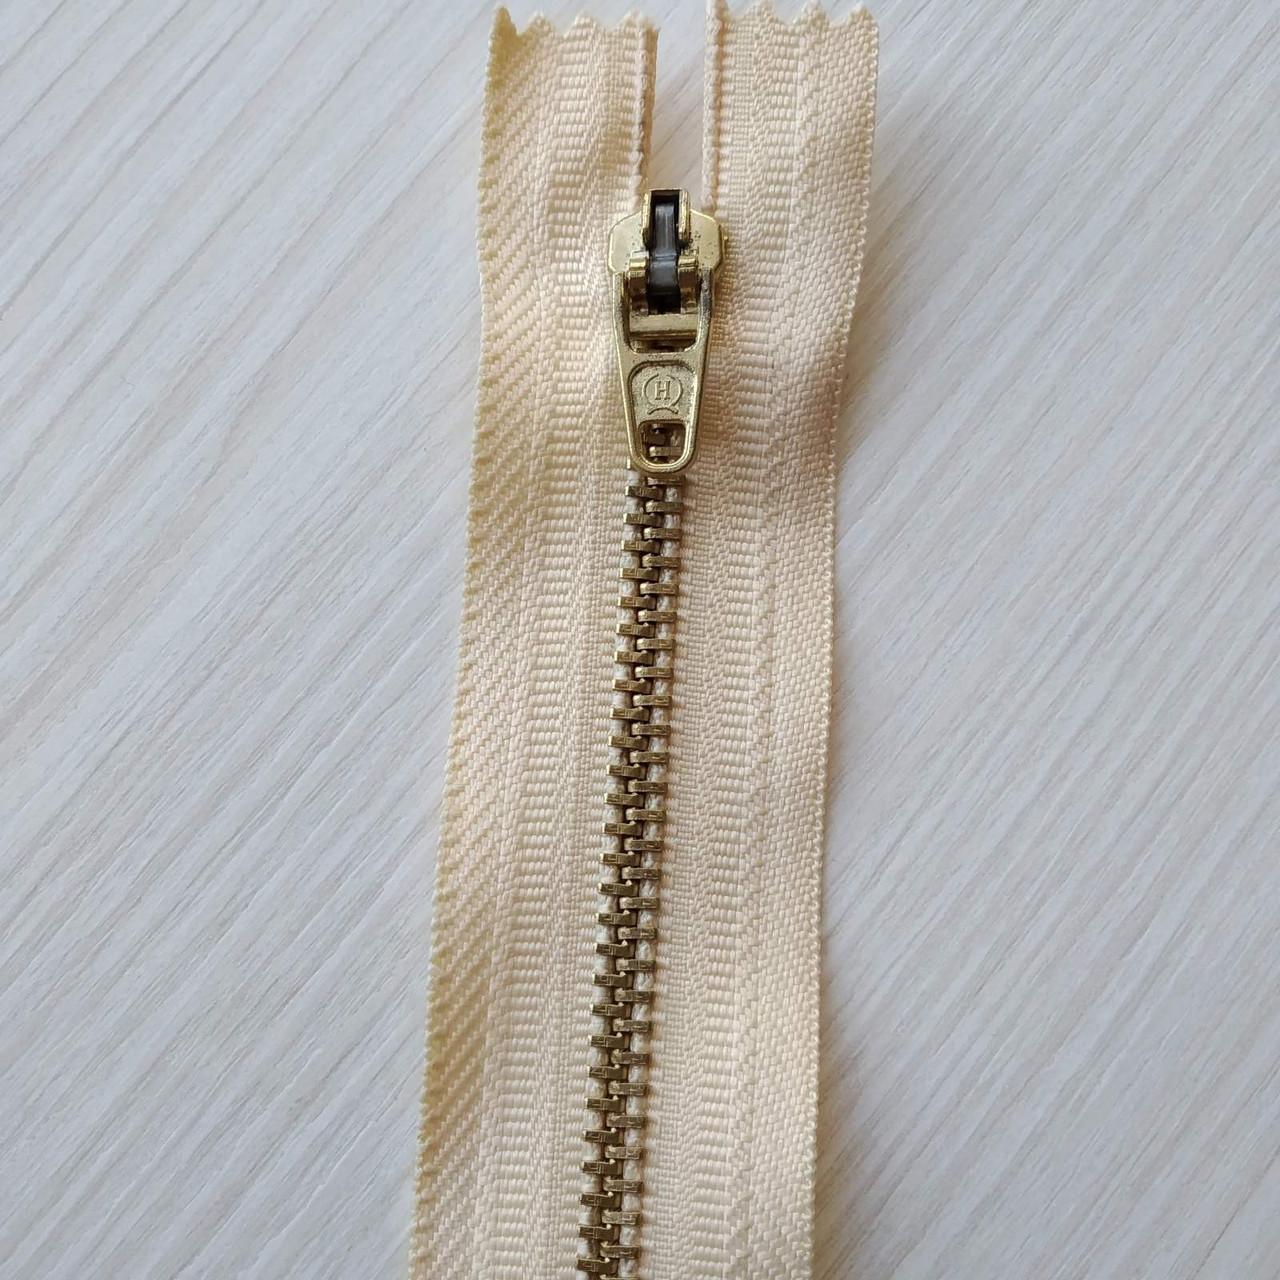 Застібка блискавка для штанів метал / 18см основа колір світлий беж